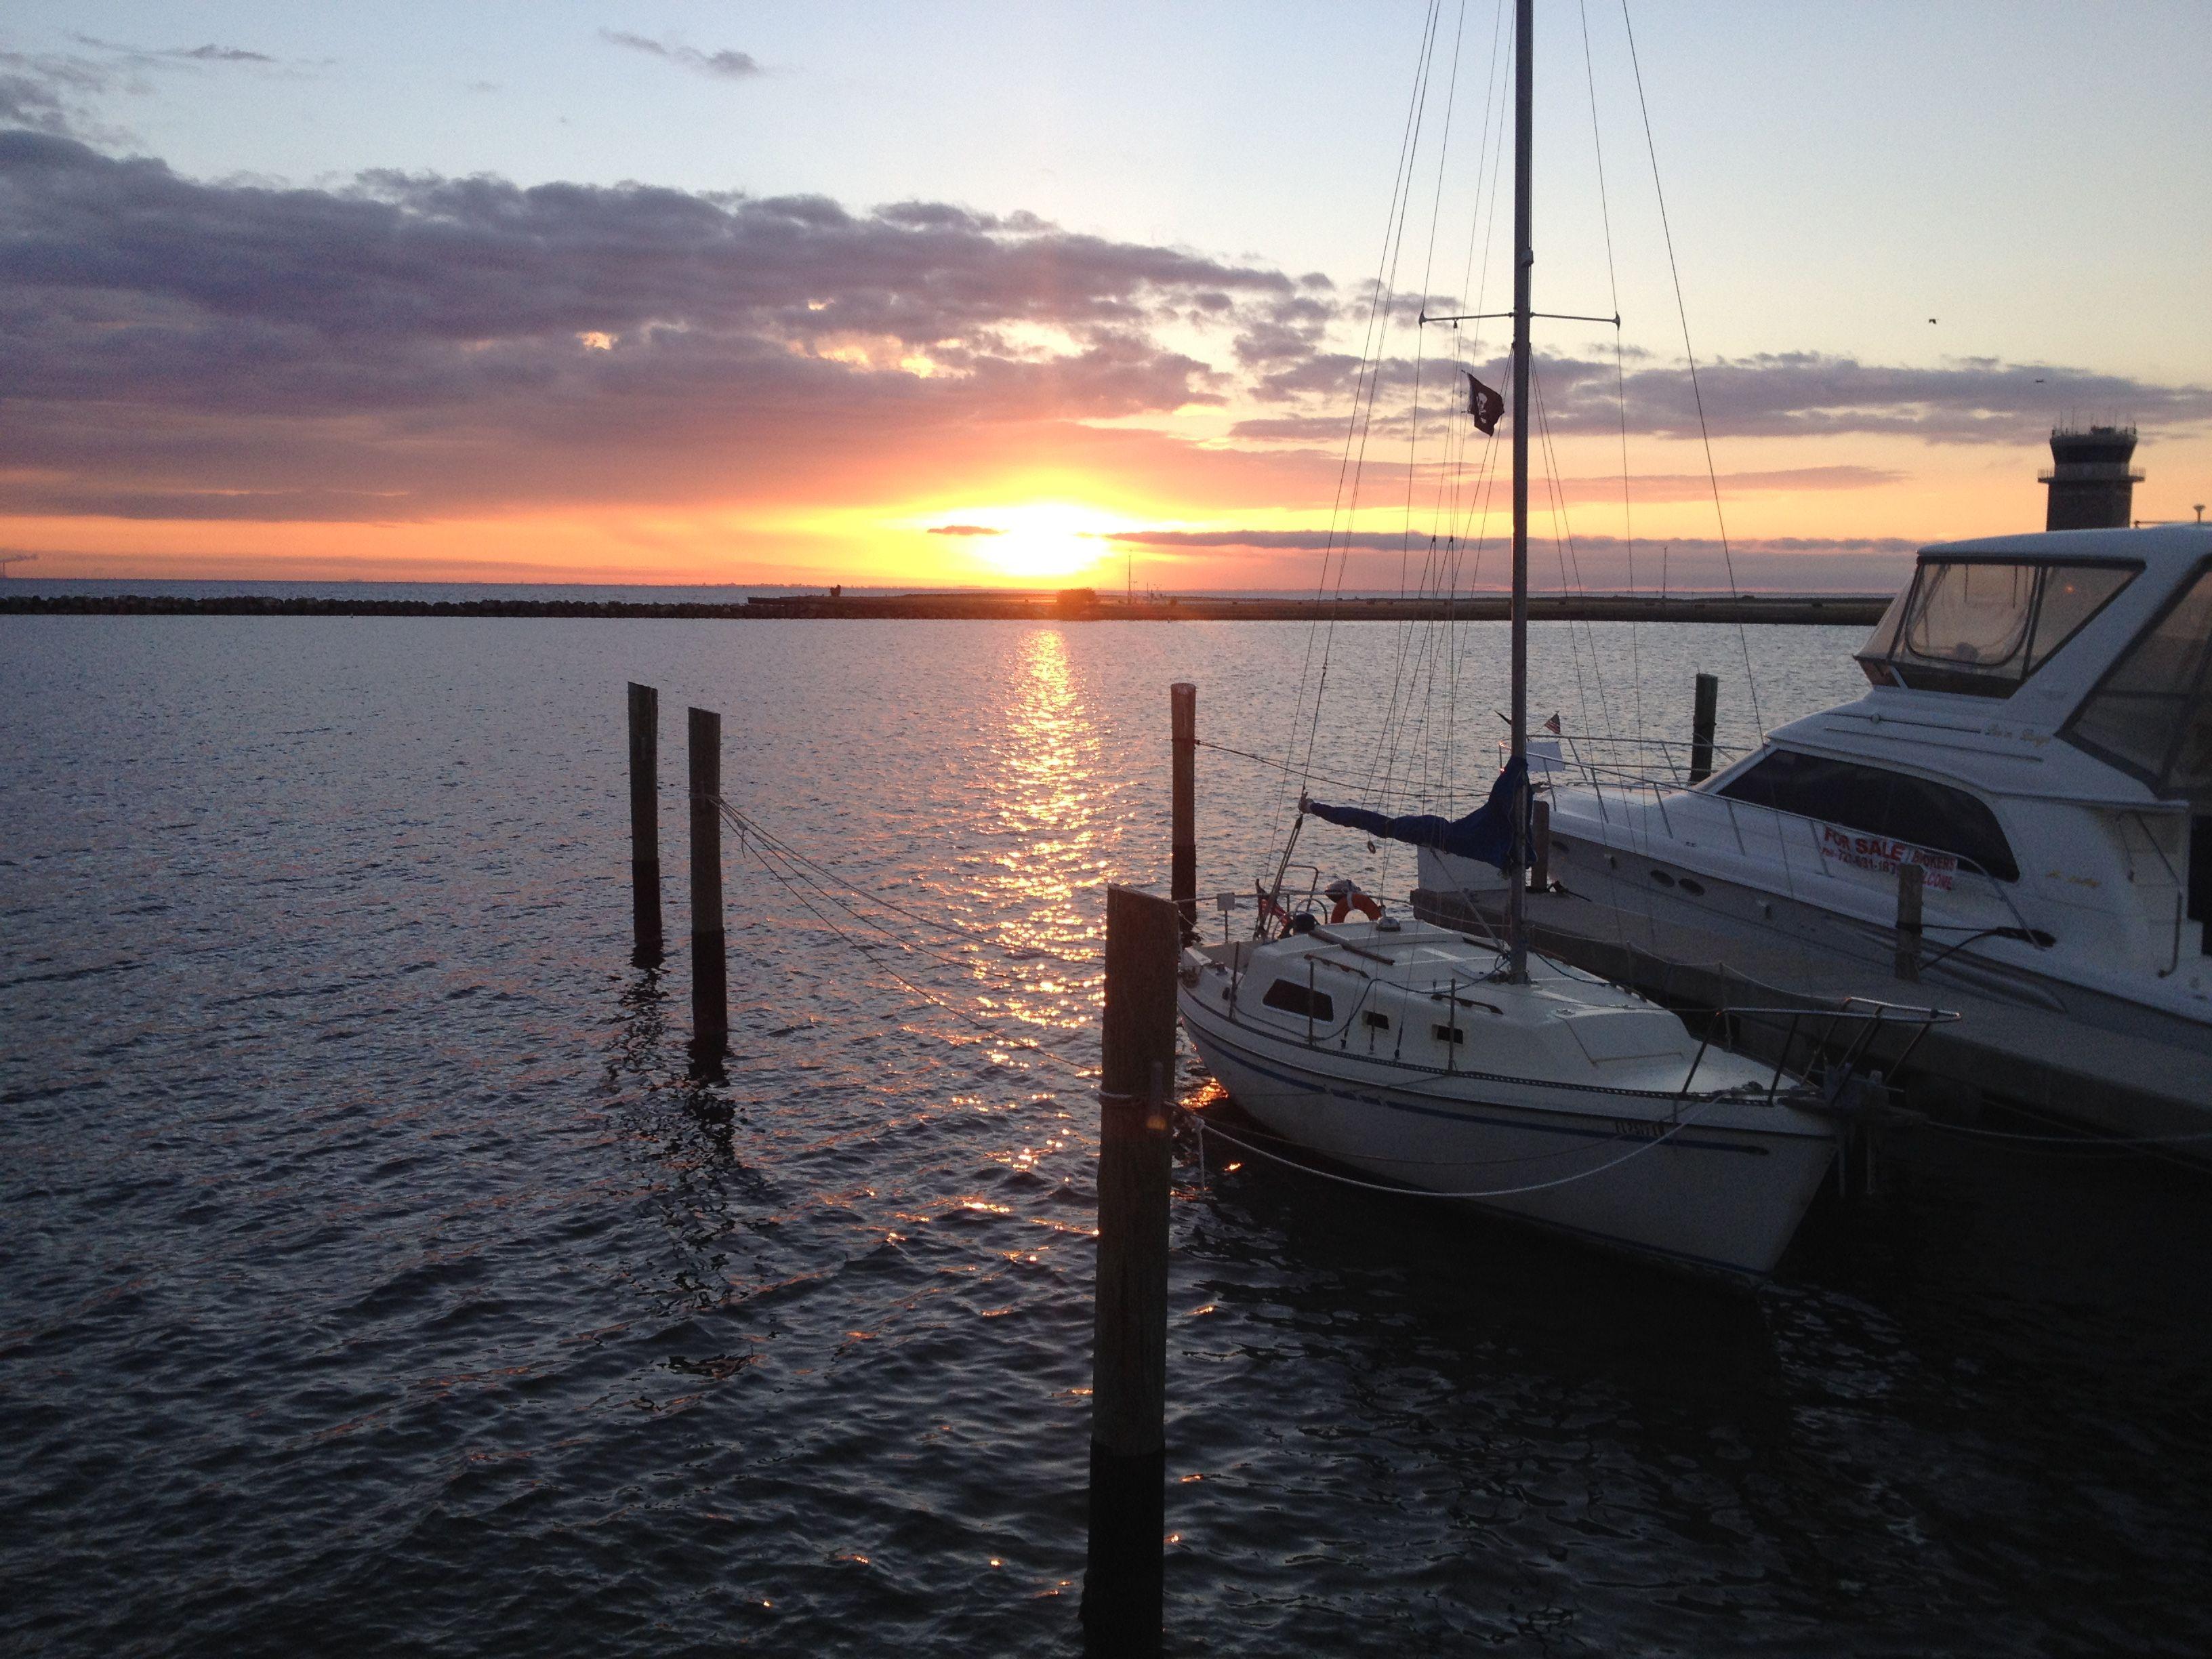 Sunrise at St. Pete Marina Flórida eua, Eua